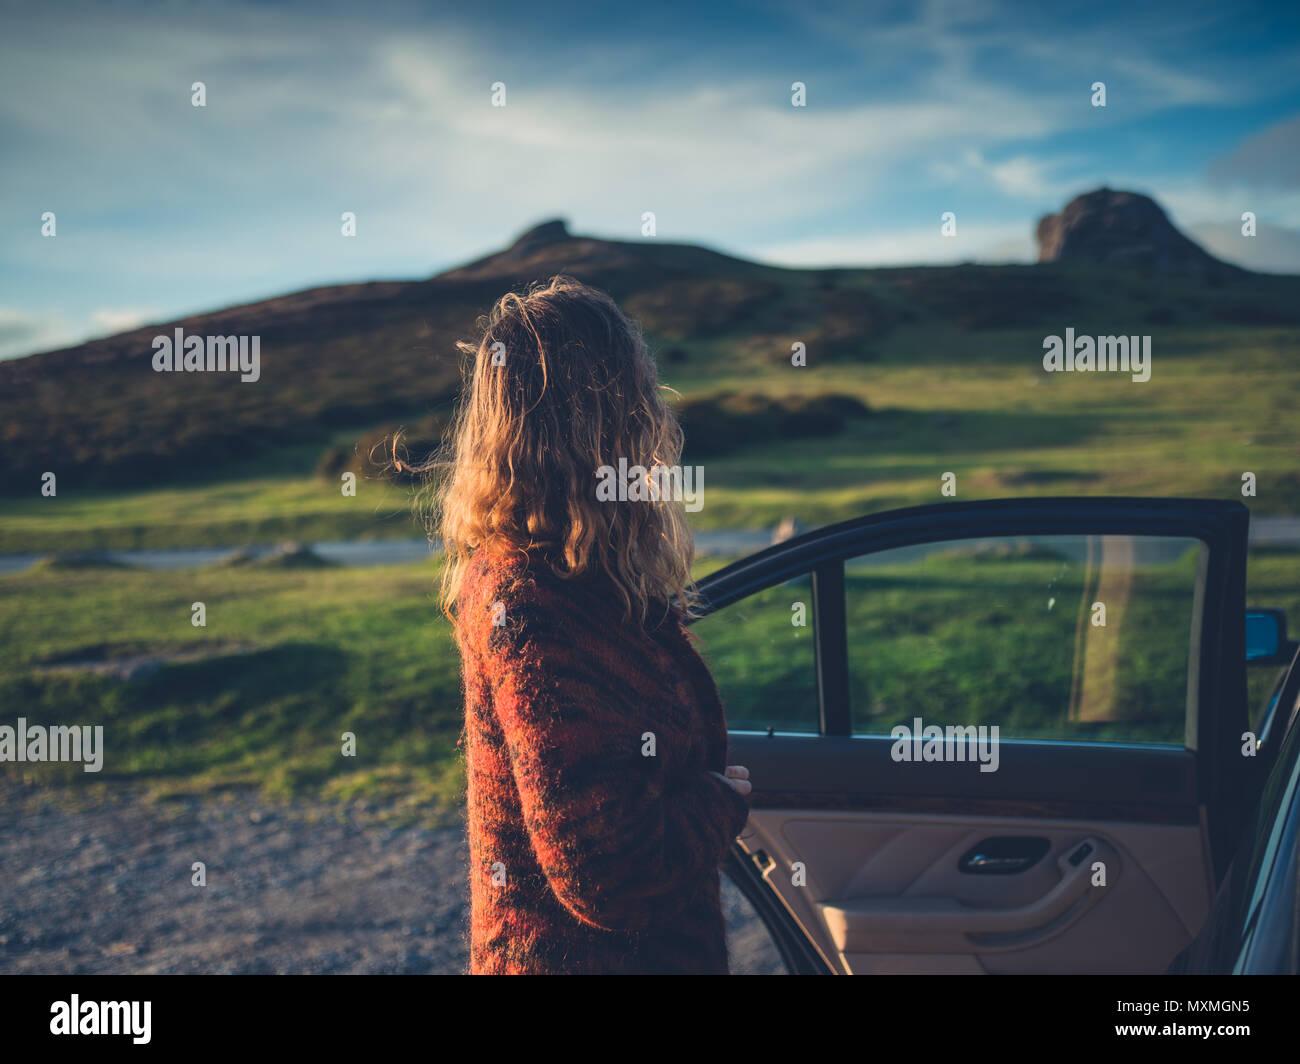 Una mujer joven está abriendo la puerta de su automóvil en el desierto al atardecer Imagen De Stock